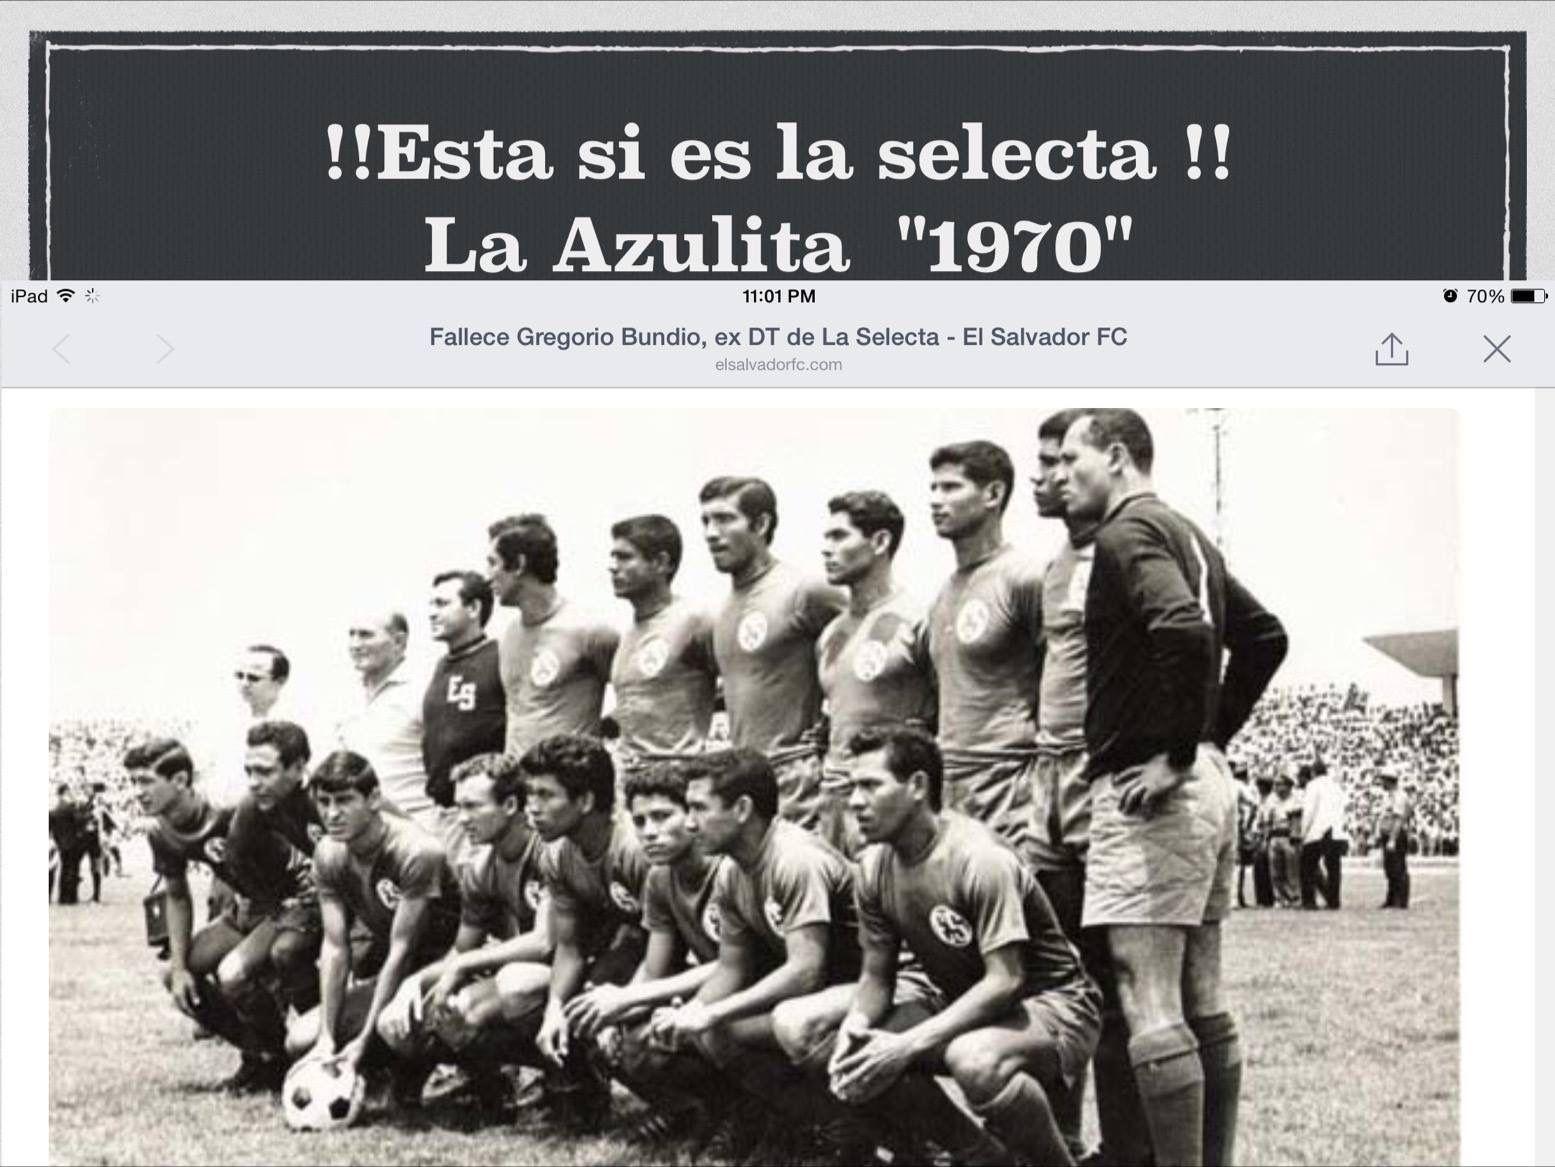 Esta es la verdadera selecta clasificó por primera vez al mundial de México 70s esparte de nuestra historia... ....?.... A A